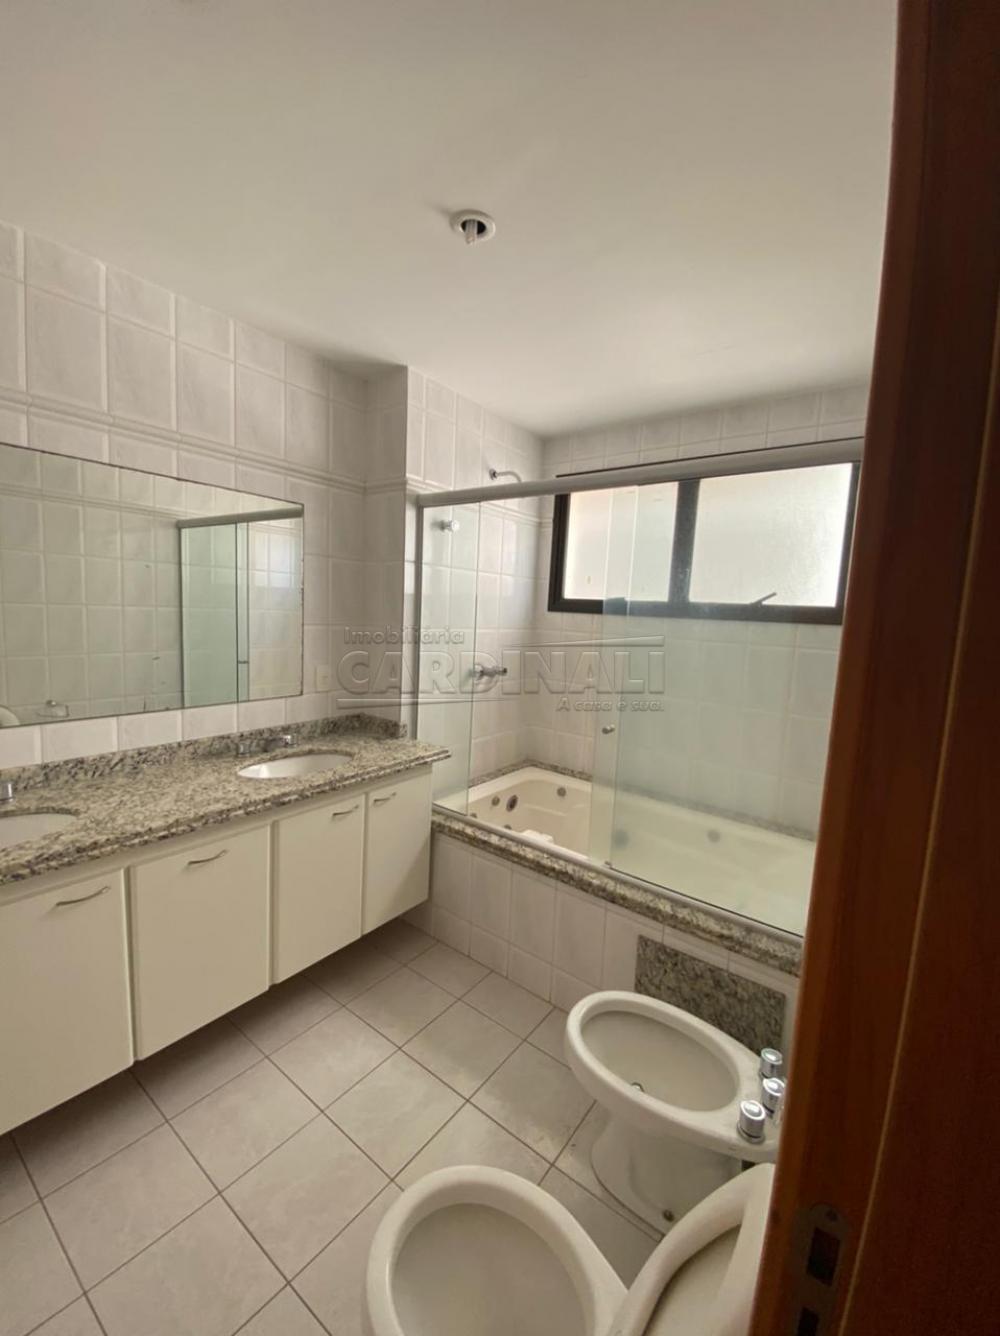 Alugar Apartamento / Padrão em São Carlos R$ 1.778,00 - Foto 13